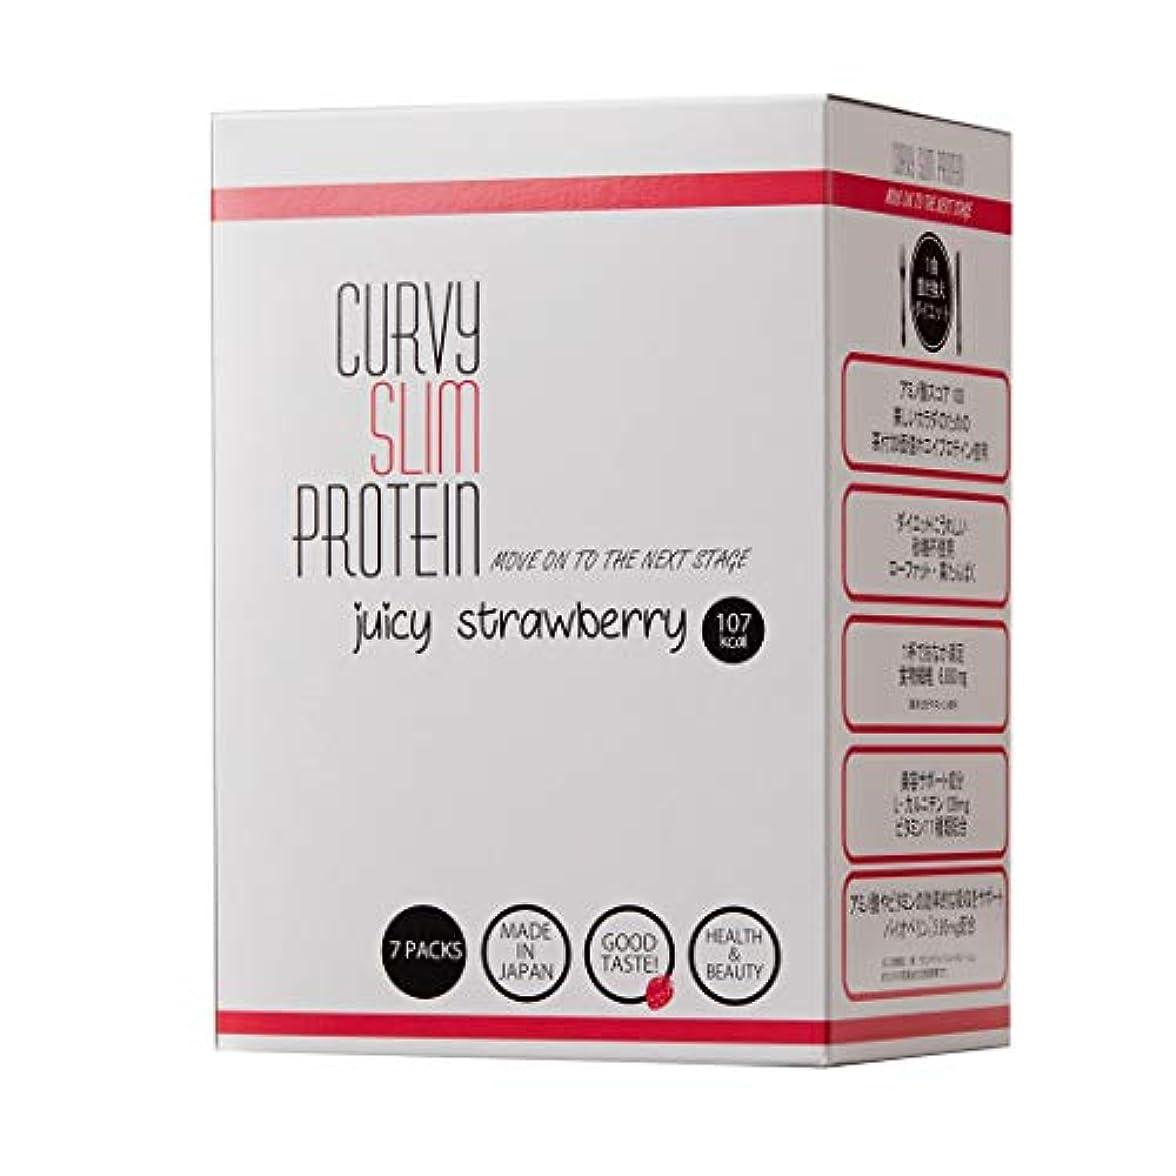 テメリティパラナ川思われるカーヴィースリム® プロテイン ジューシーストロベリー 置き換え ダイエット 7包(7食分)